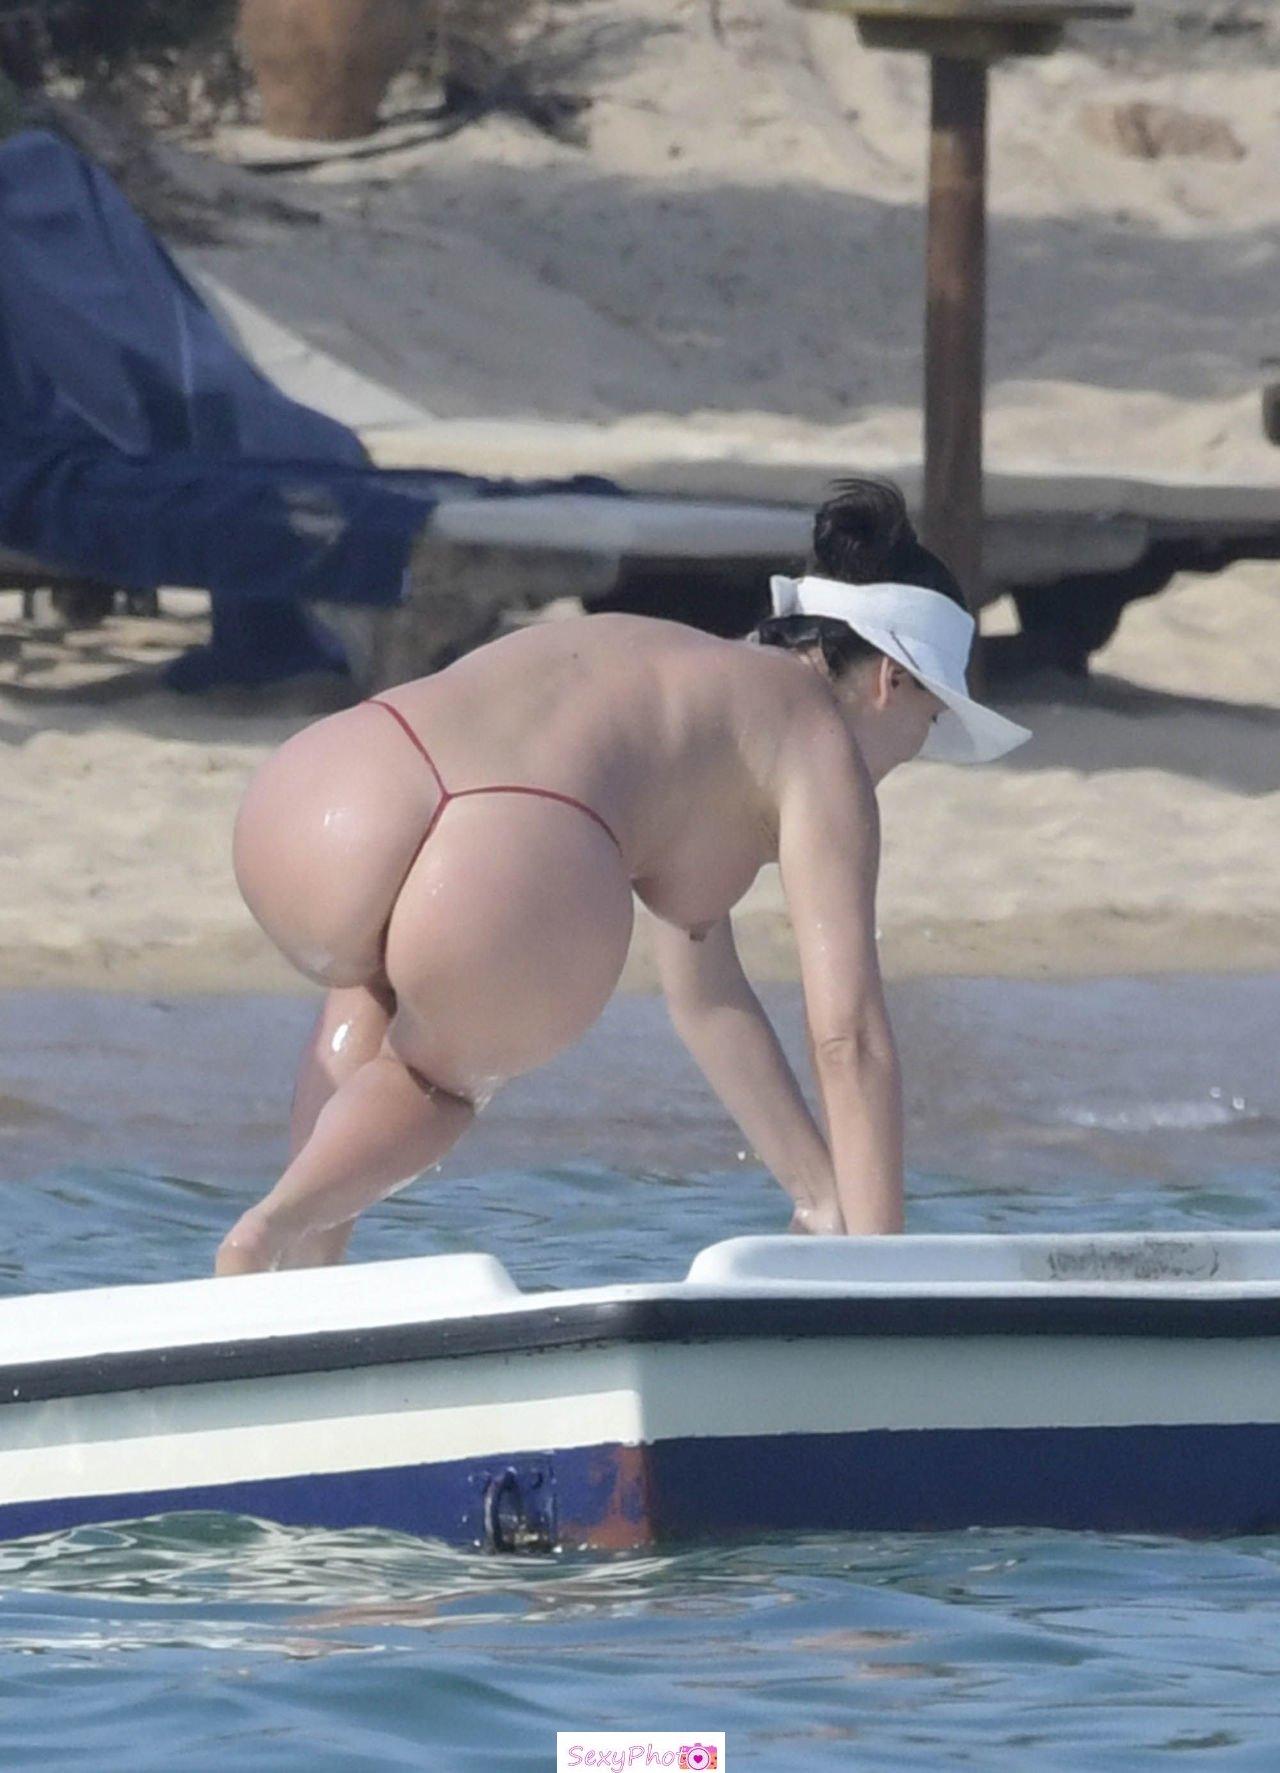 Bleona Qereti nude boobs and sexy ass paparazzi photo